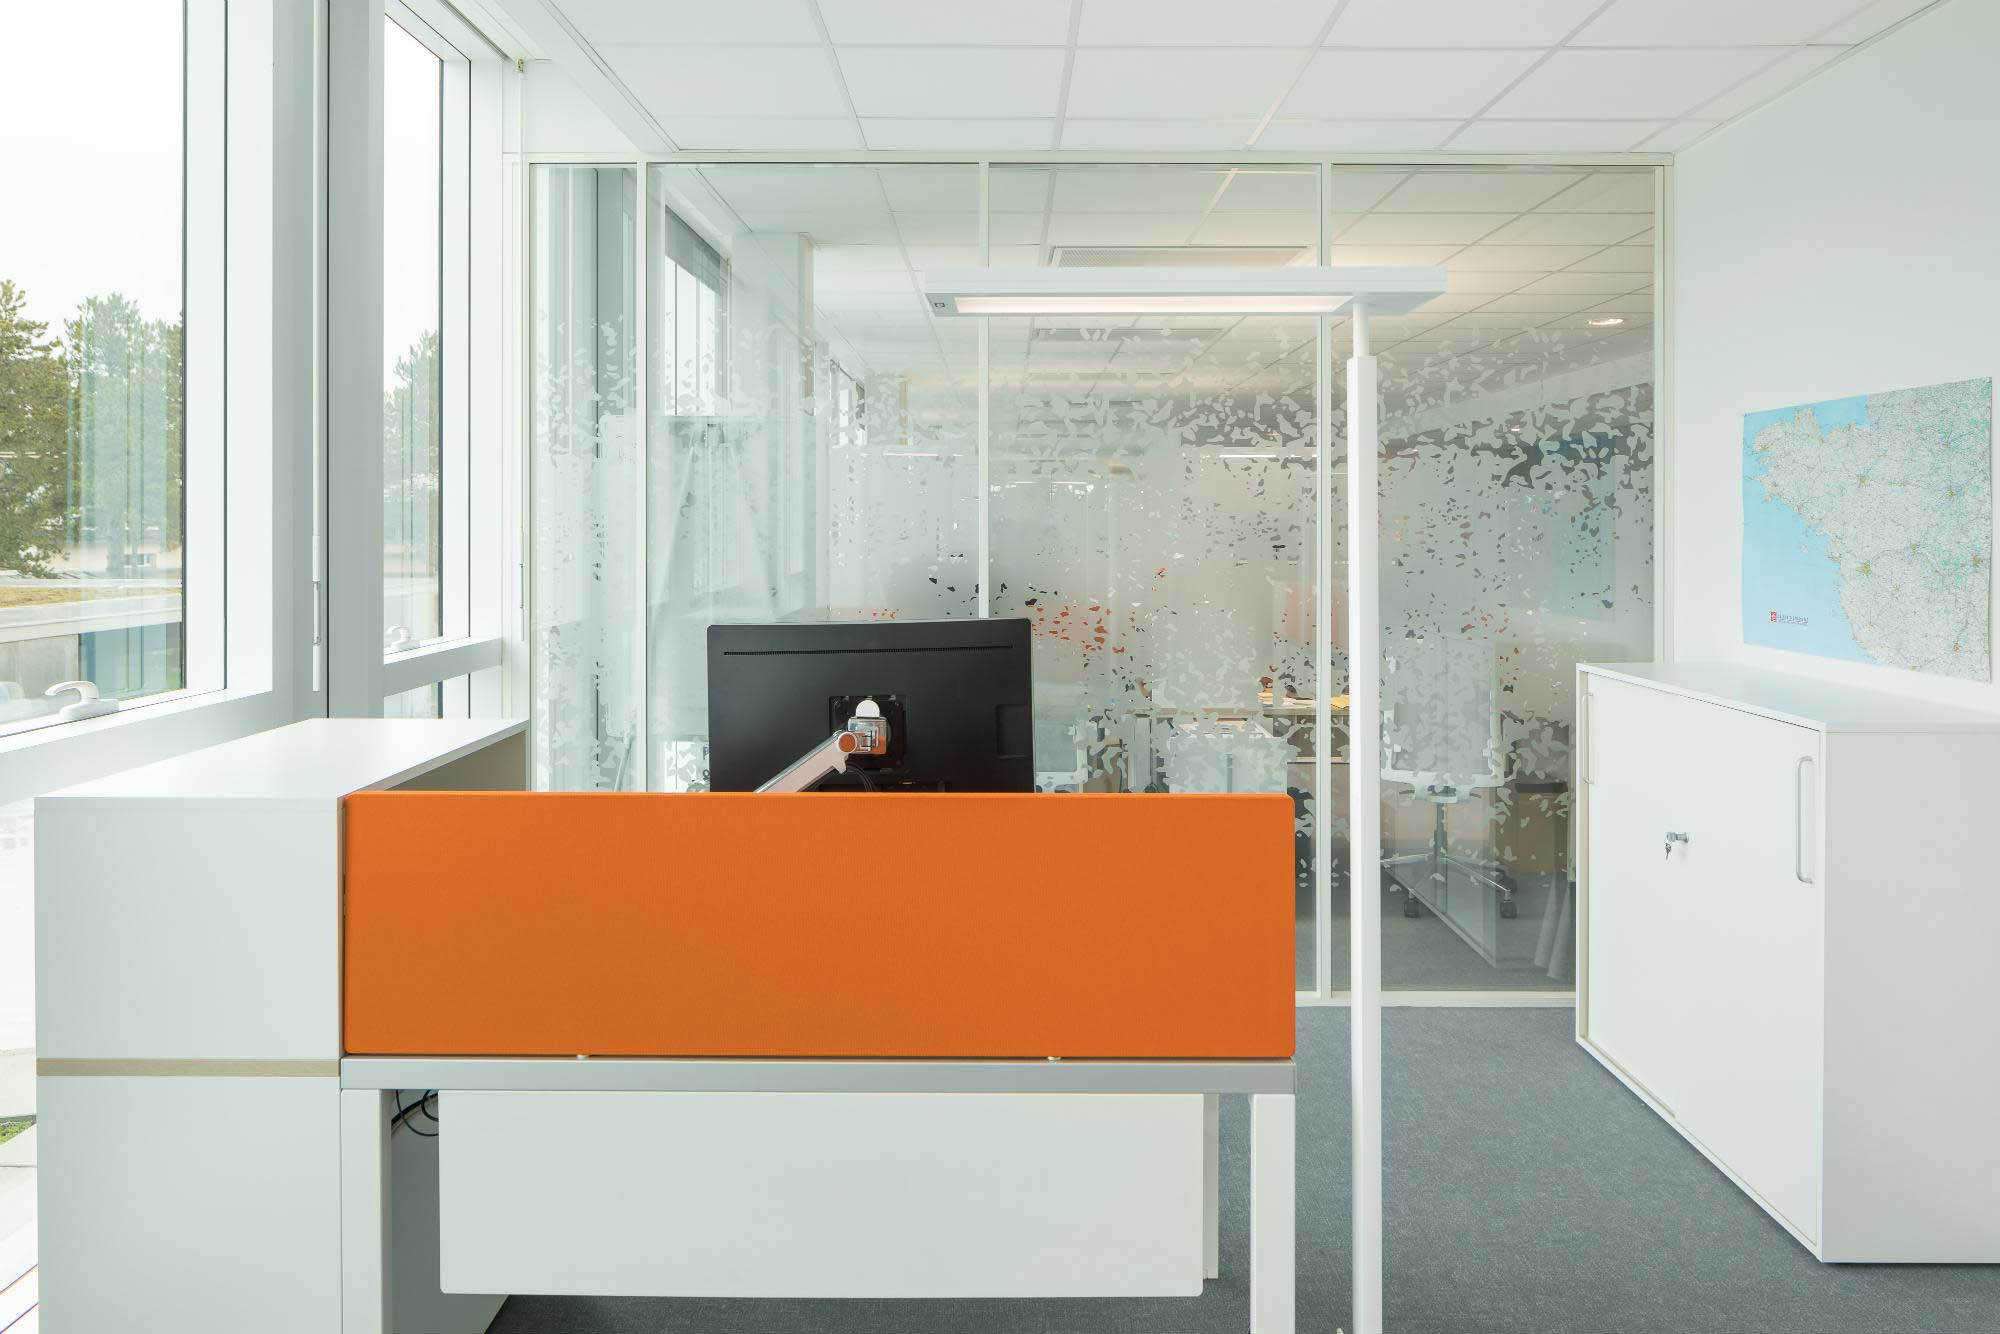 Langlois Sobreti Nantes Panneaux Acoustiques Caisse Epargne 44 Orvault Orange